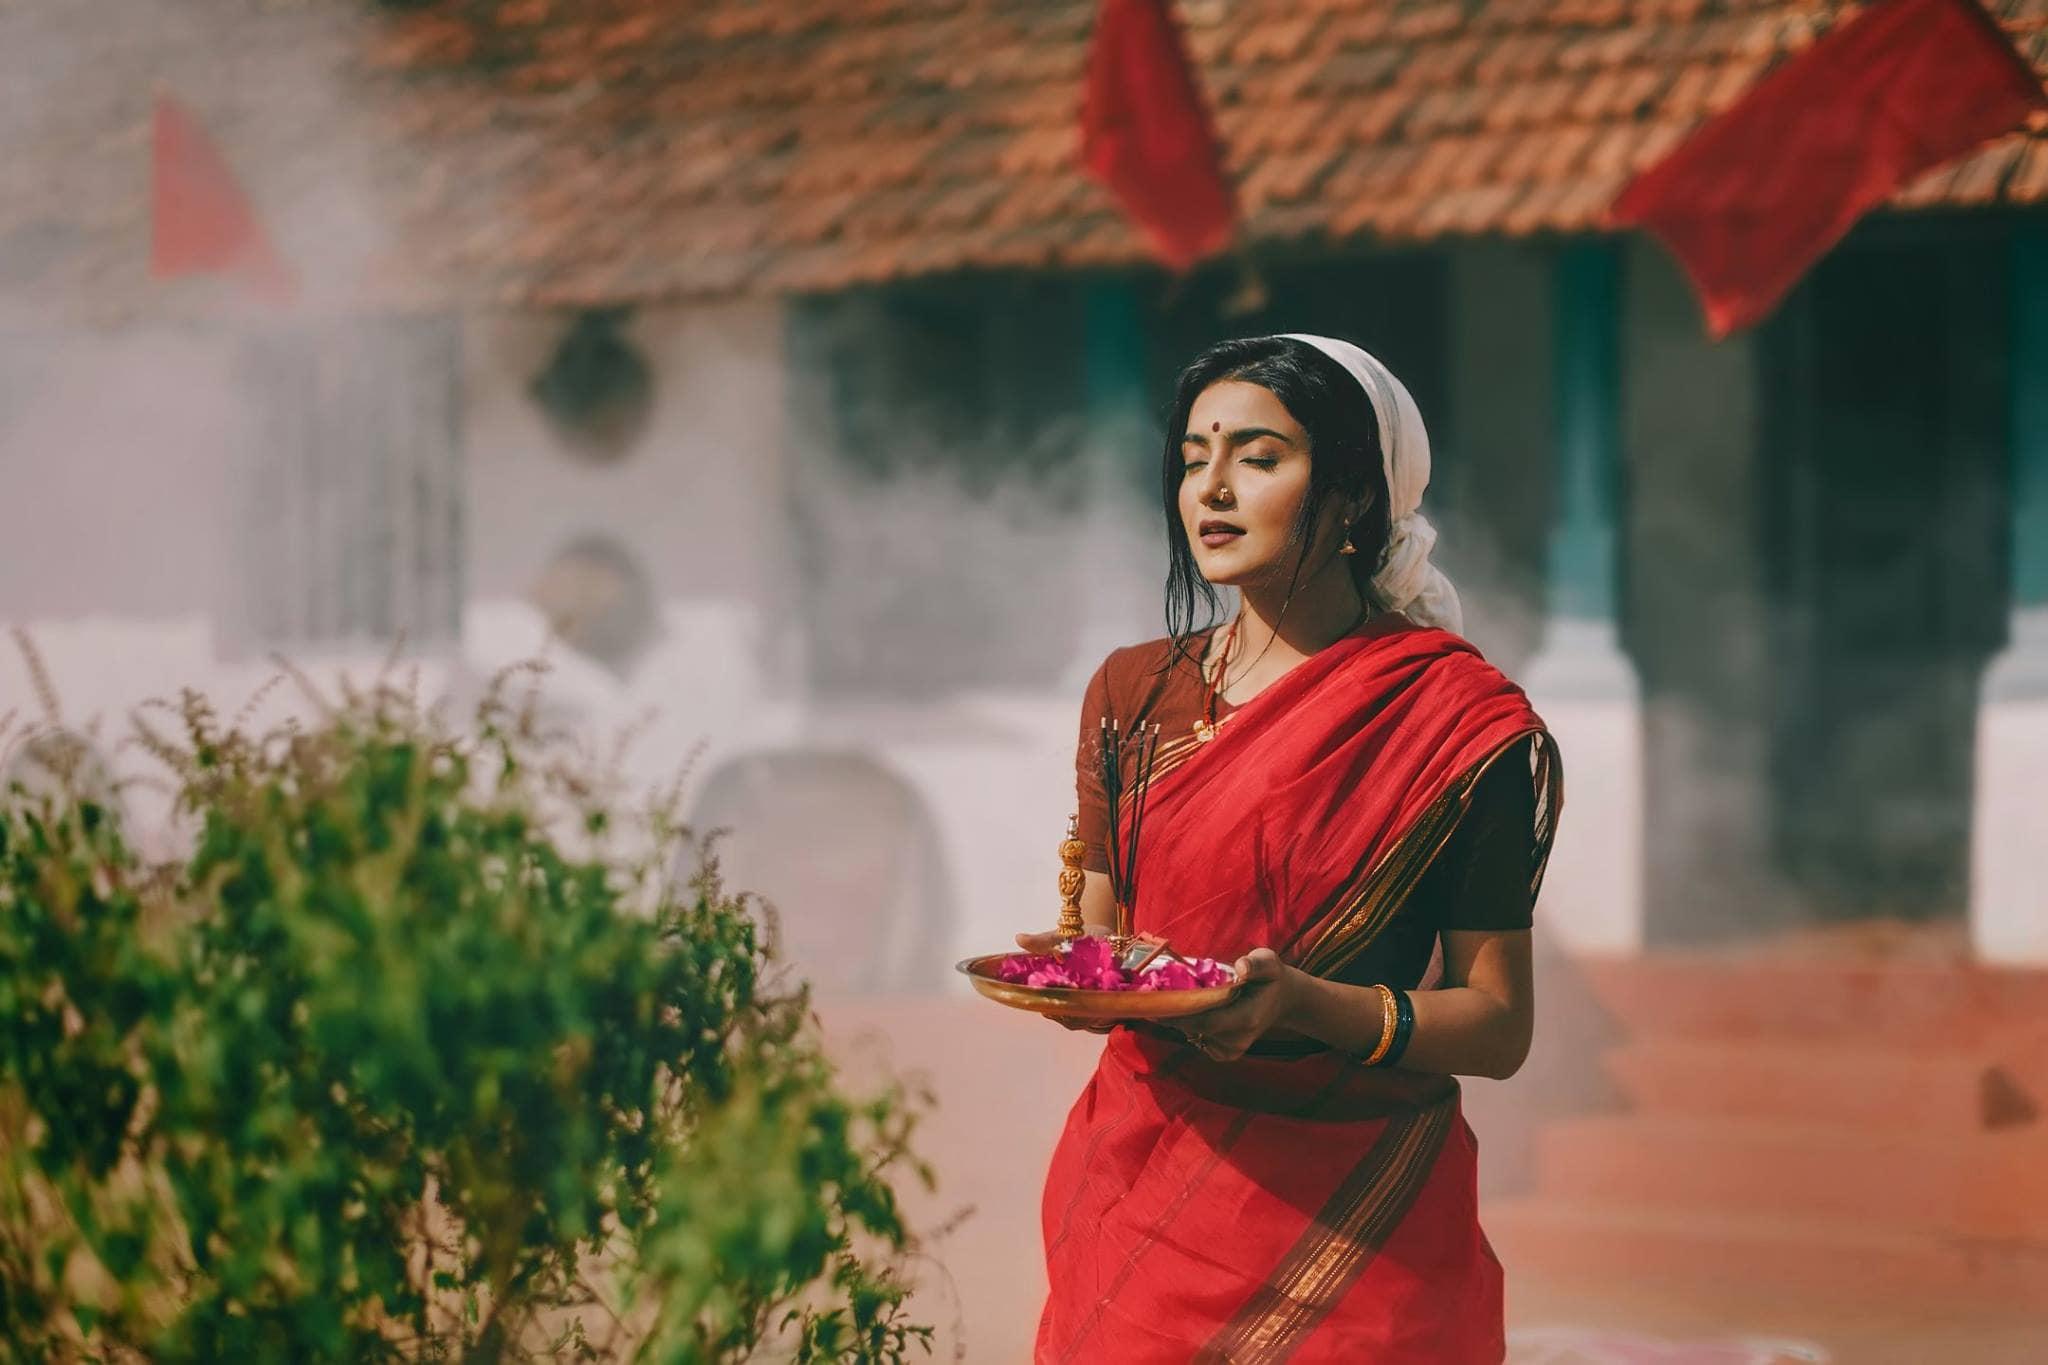 An-Award-winning-photo-story-Avani-By-Arjun-Kamath-10